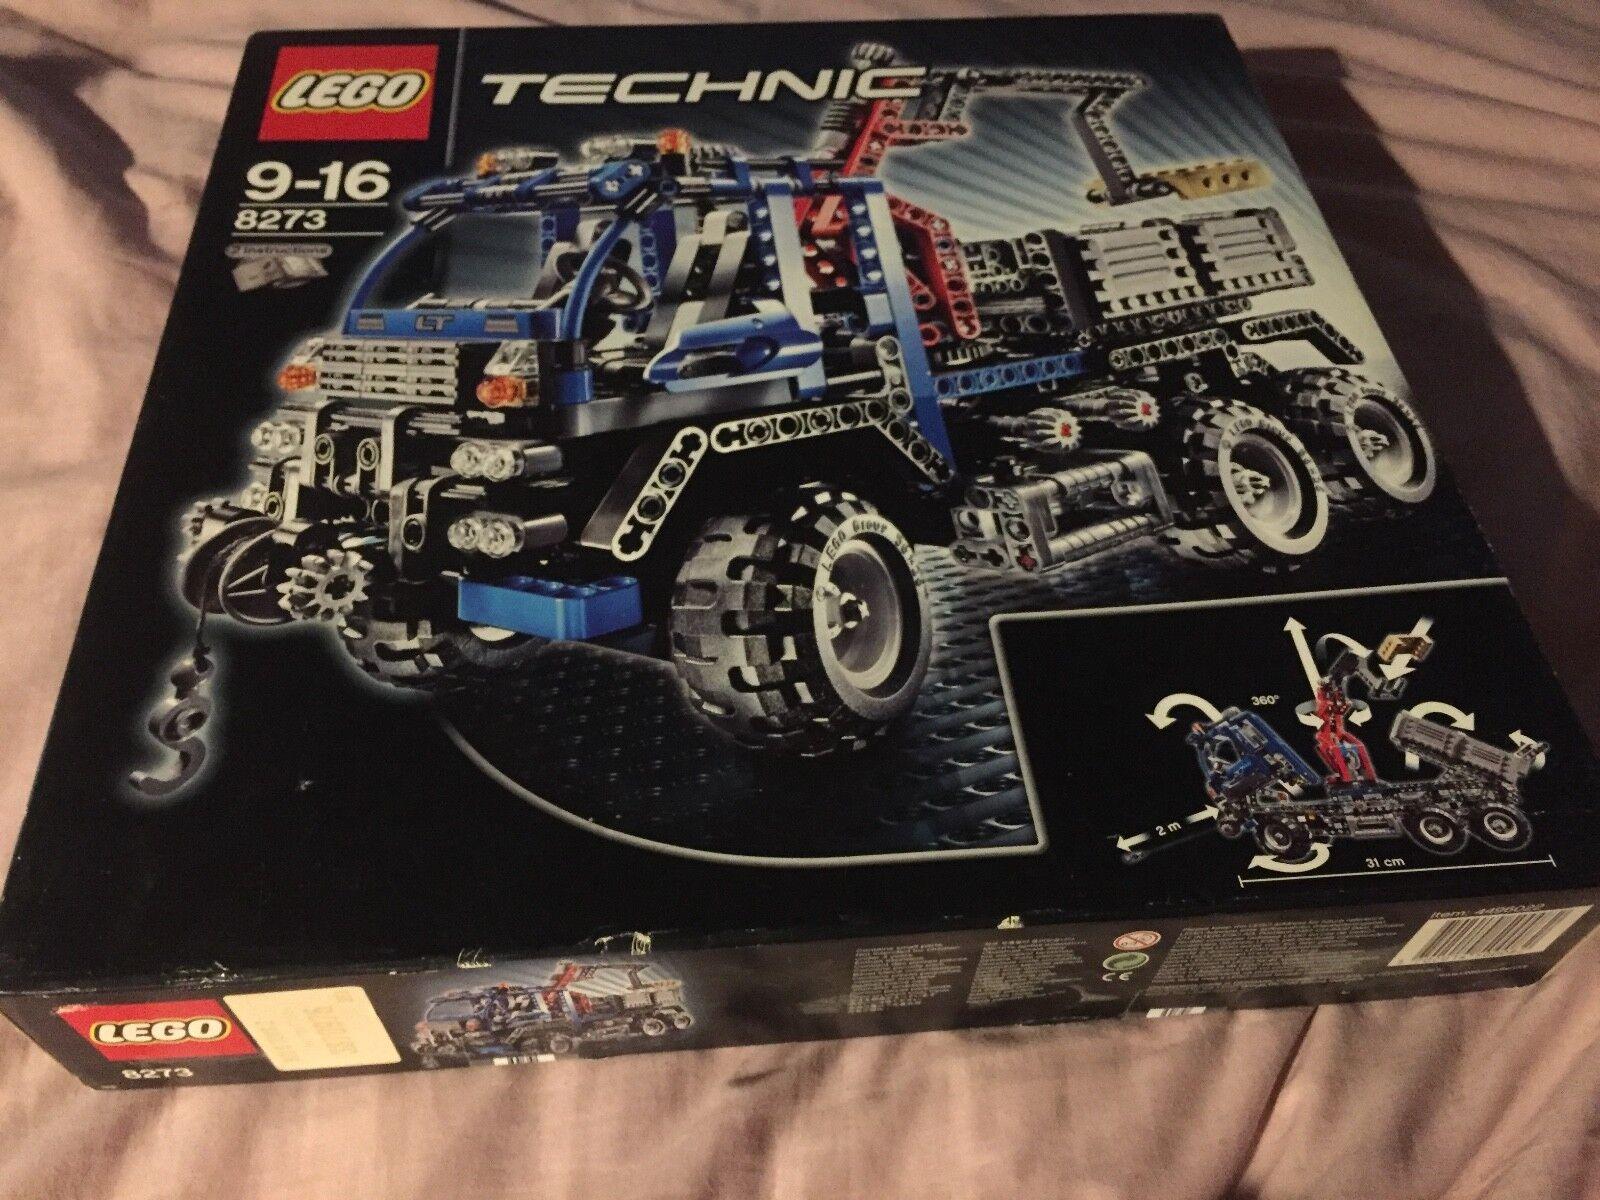 LEGO 8273 TECHNIC CAMION FUORI STRADA ** SCATOLA SIGILLATA **